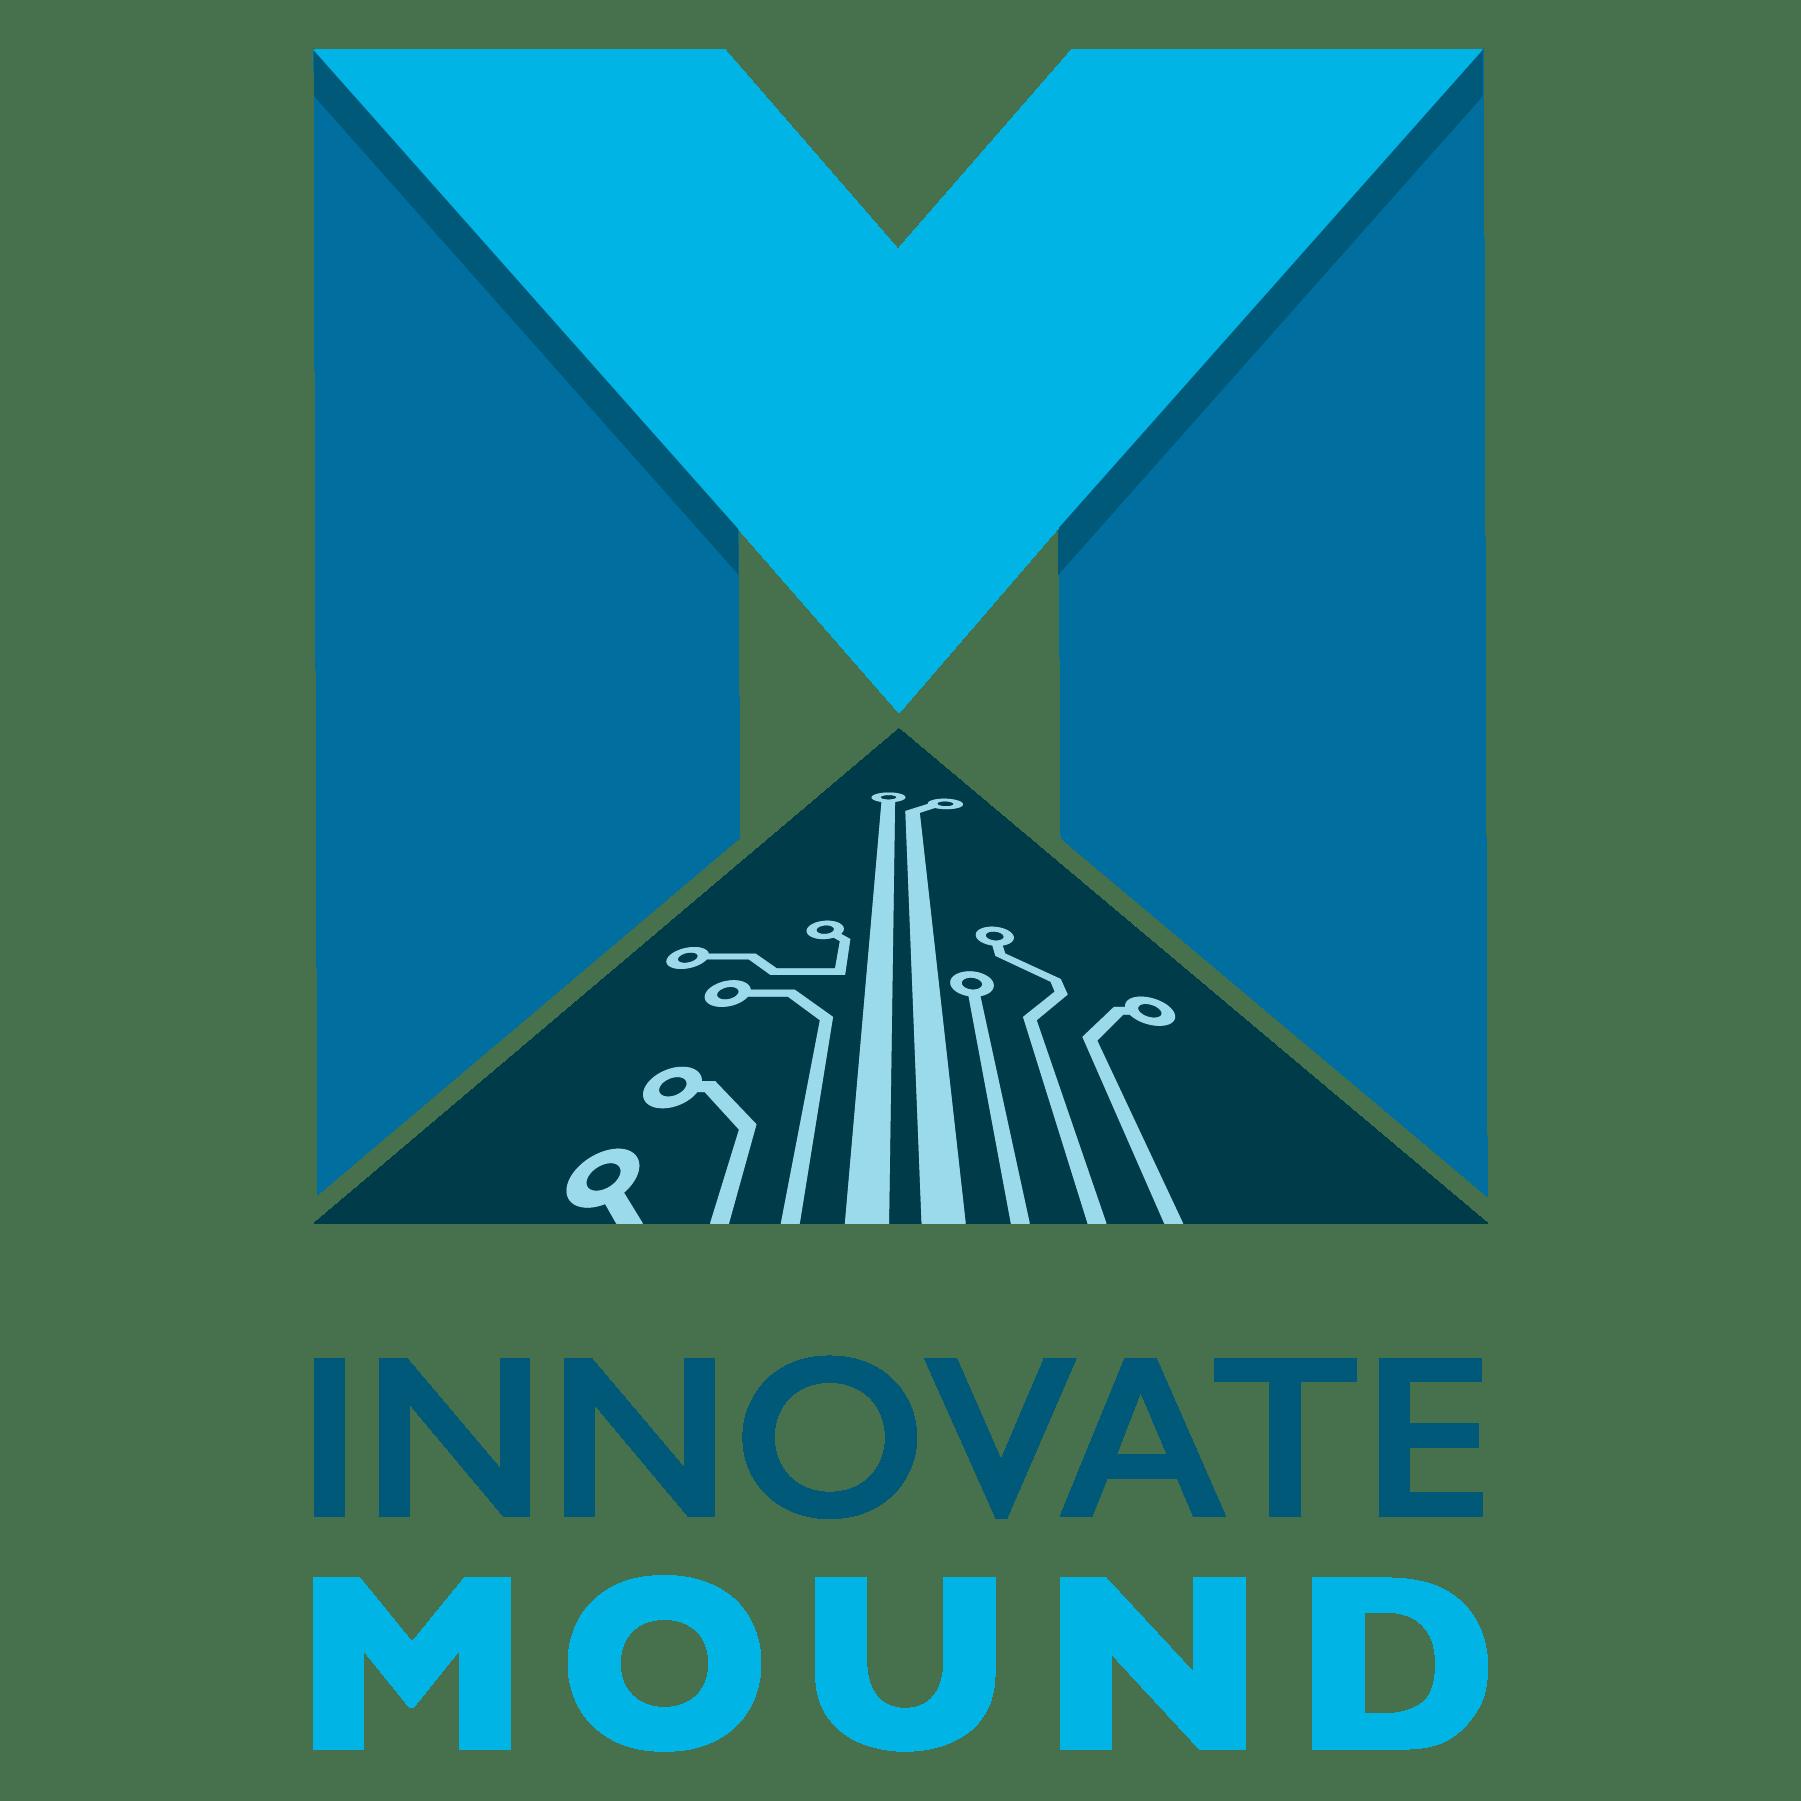 Media Innovate Mound